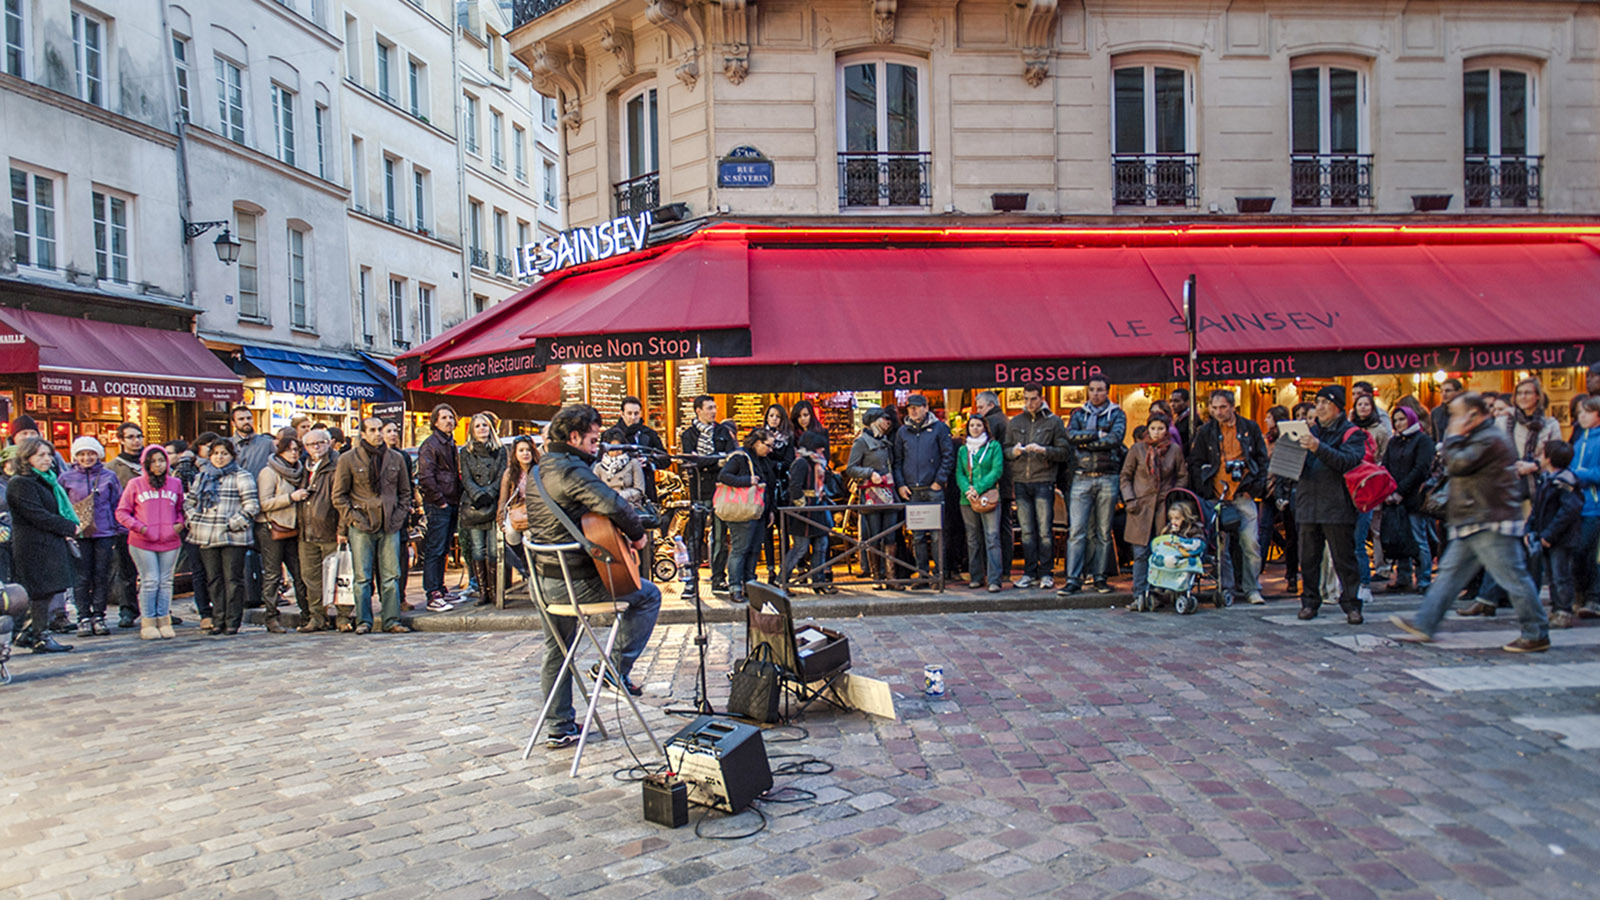 Beliebter Ort für Livemusik: das Kopfsteinfplaster von der Caféterrasse des Saint-Sev an der Place Saint-Michel im Quartier Latin. Foto: Hilke Maunder